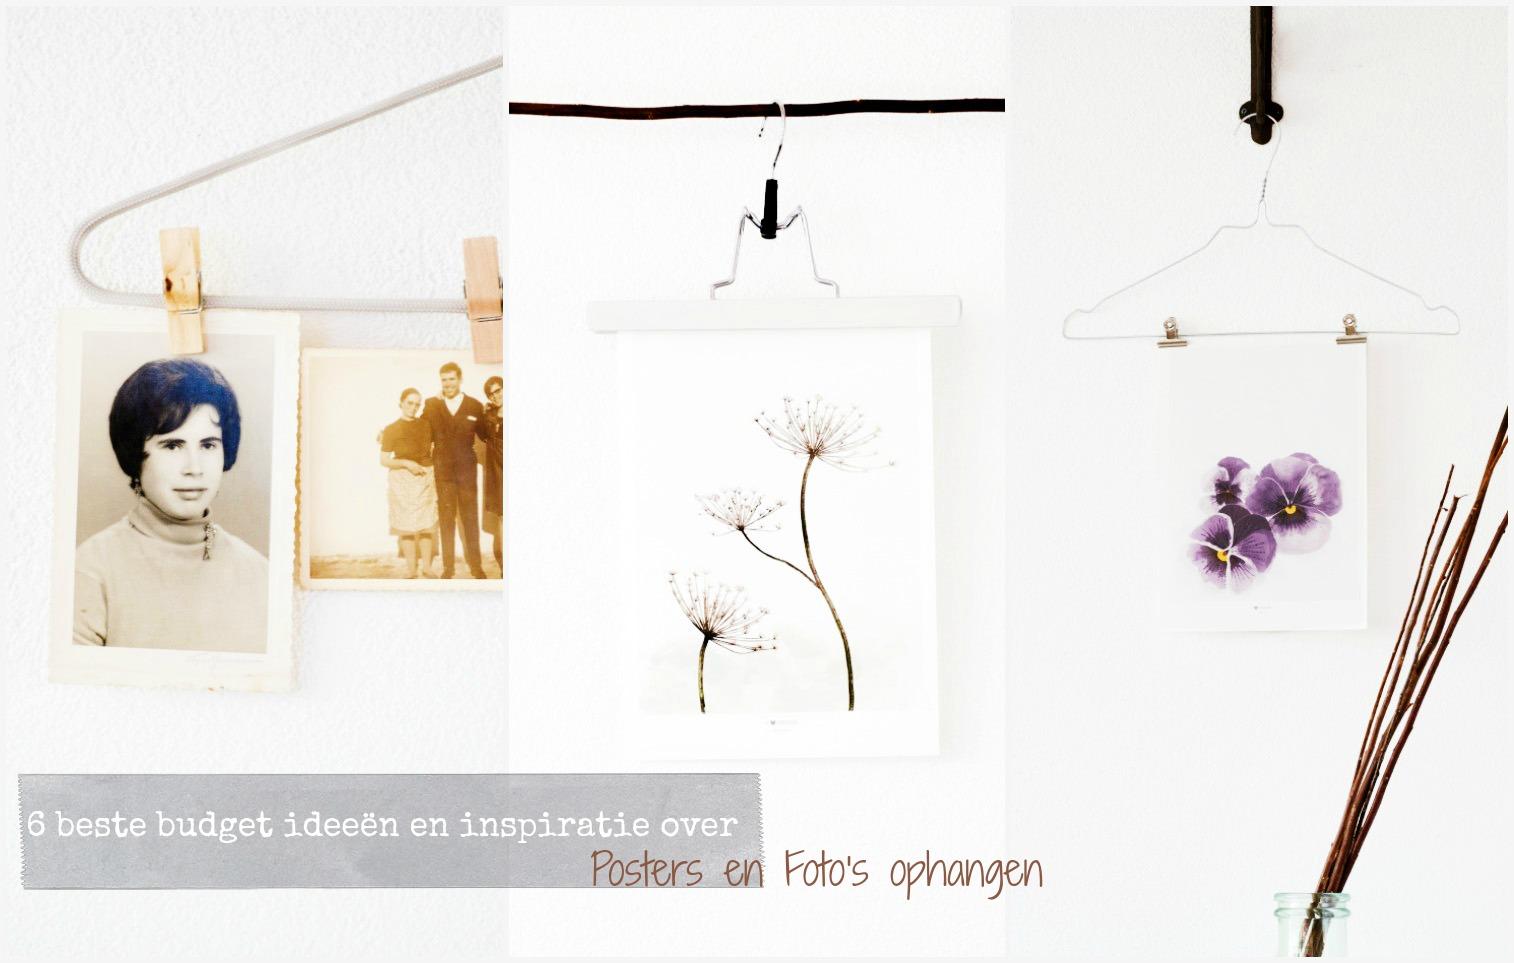 6 beste budget ideeën en inspiratie over Posters en Foto's ophangen.